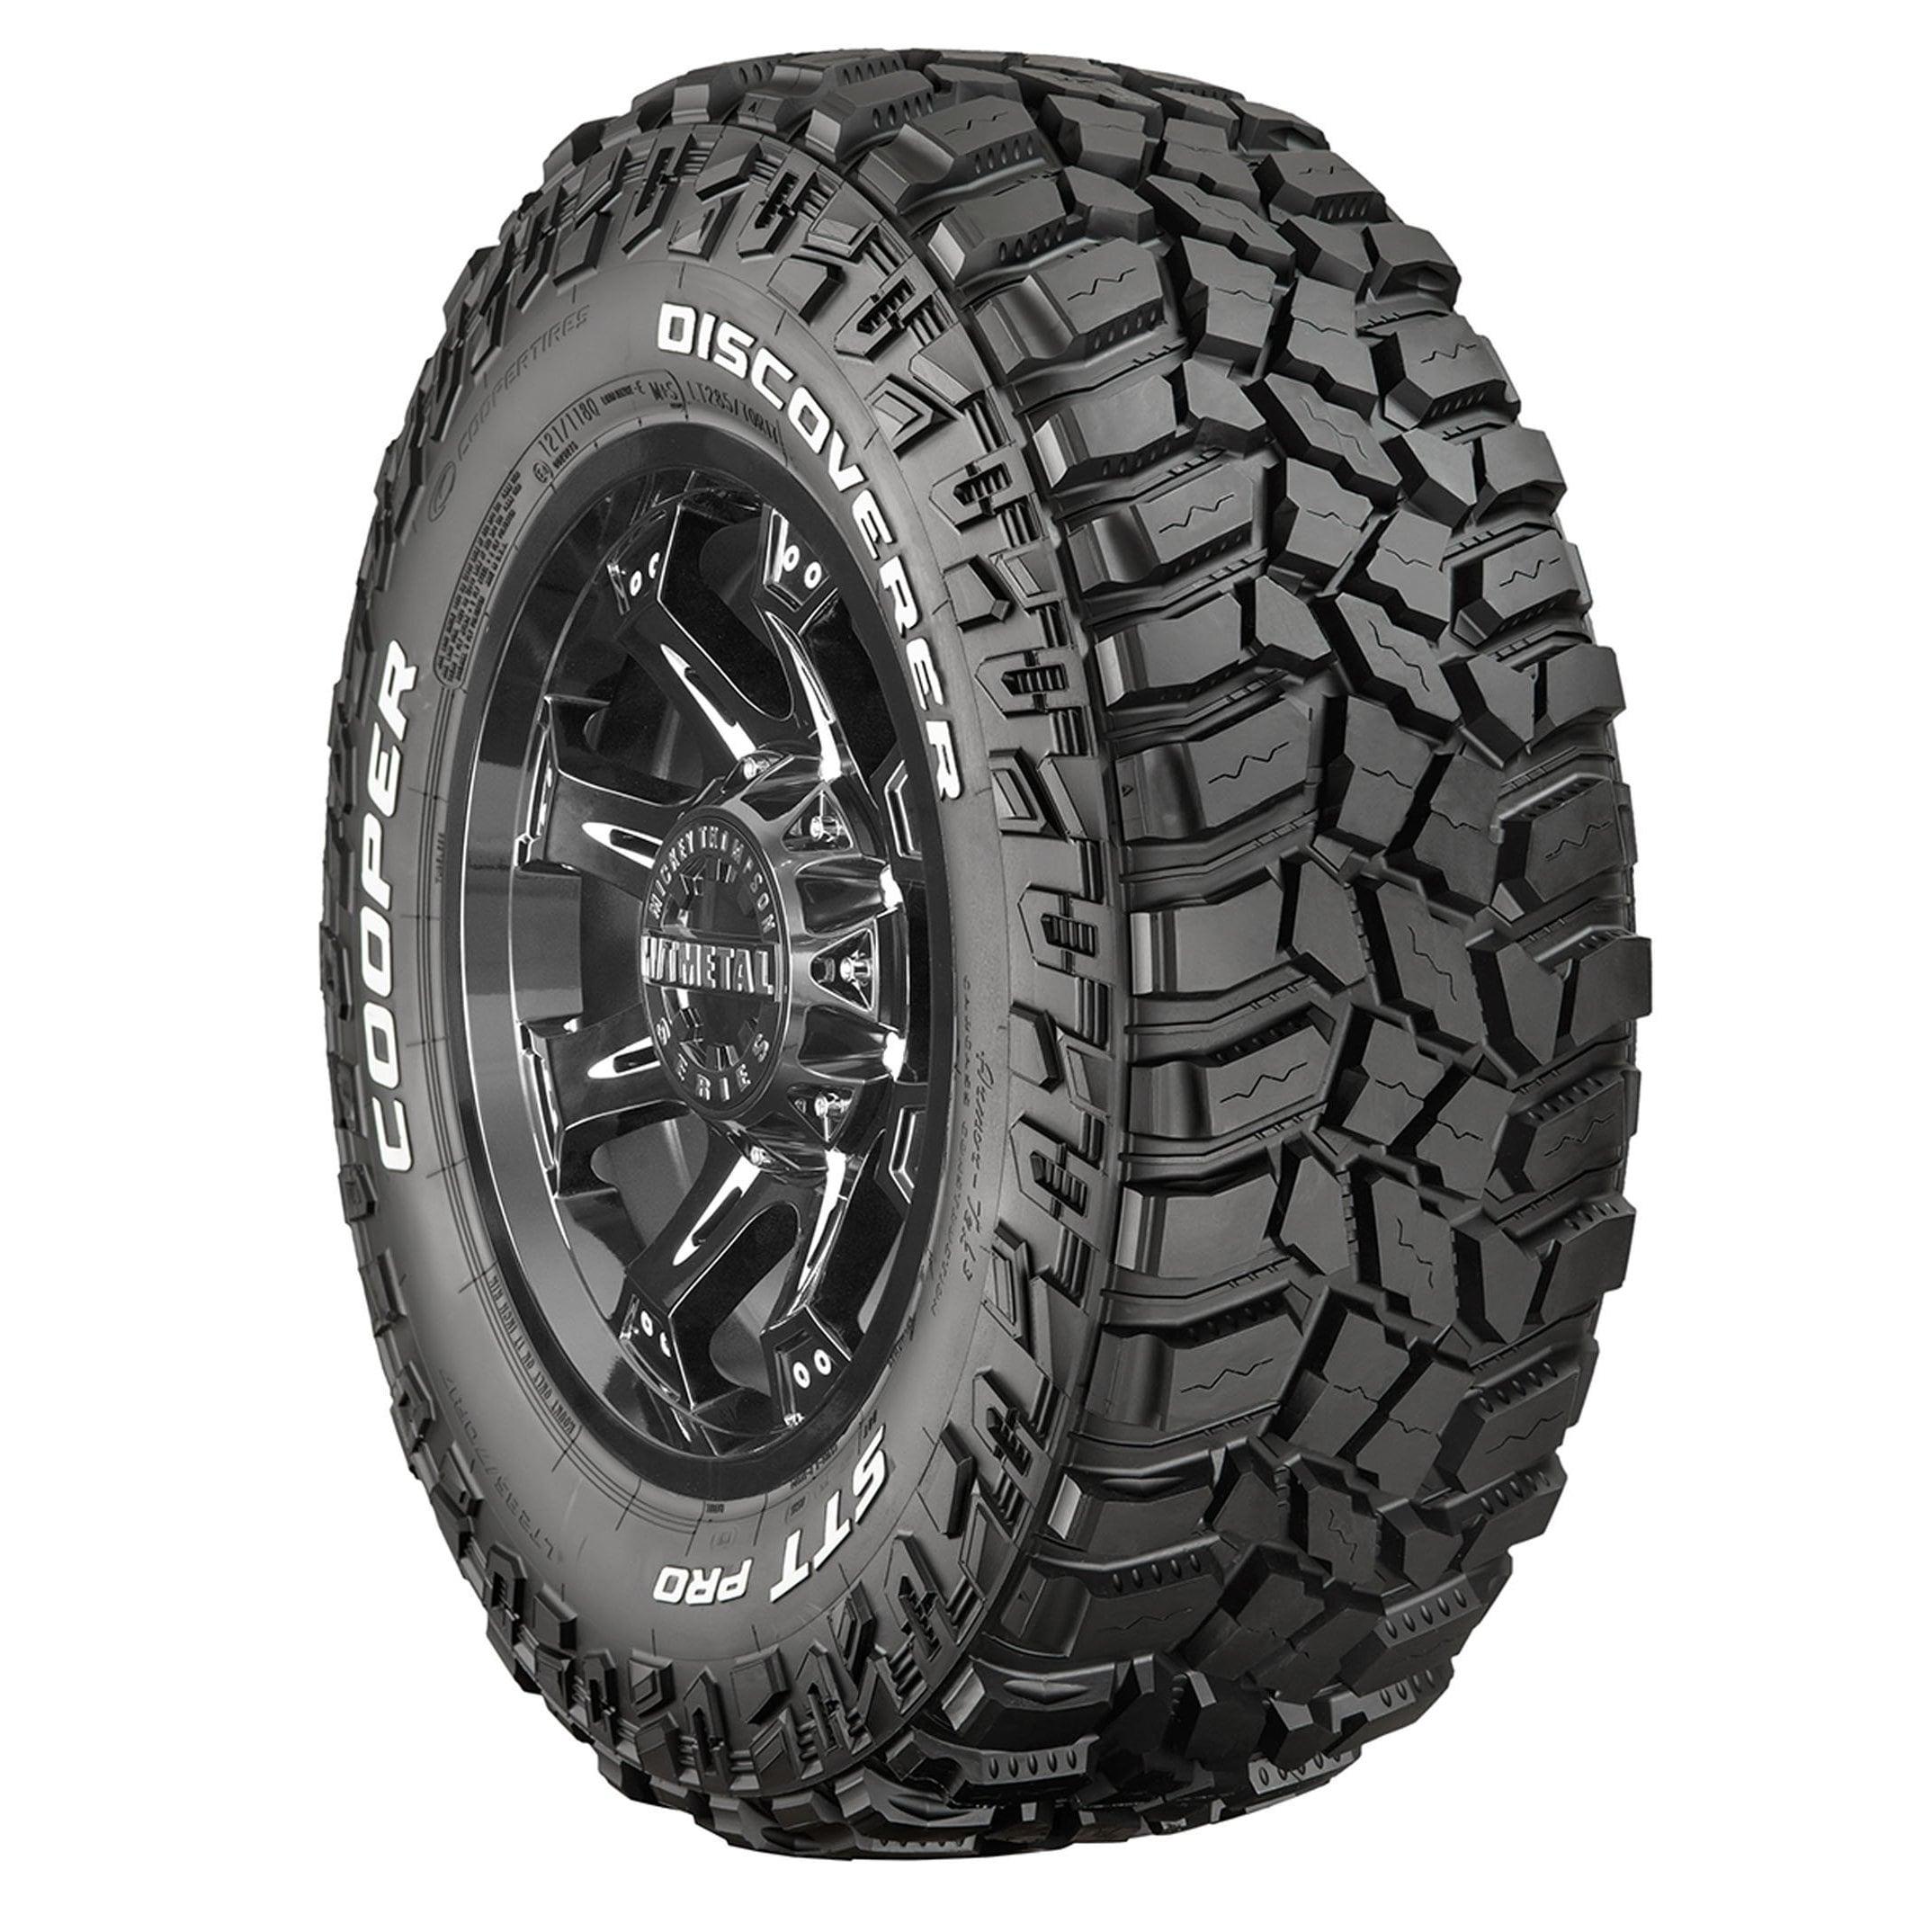 COOPER Discoverer STT Pro Off Road Tire - LT315/75R16 LRE...